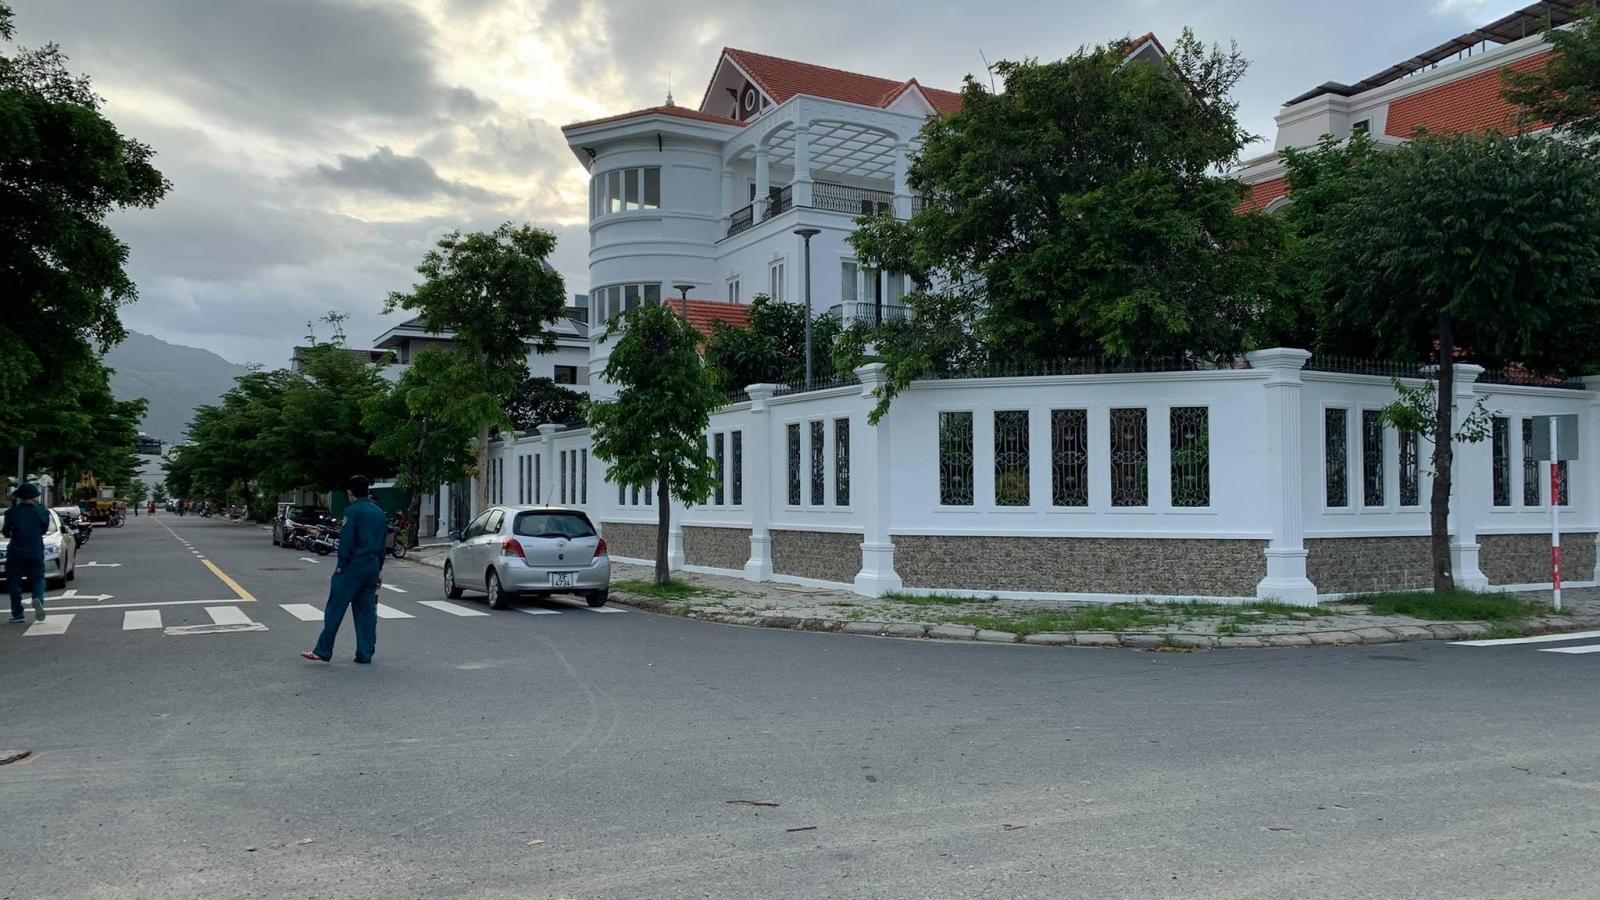 Nguyên Bí thư Thành ủy Nha Trang bị kẻ lạ mặt xông vào nhà tấn công